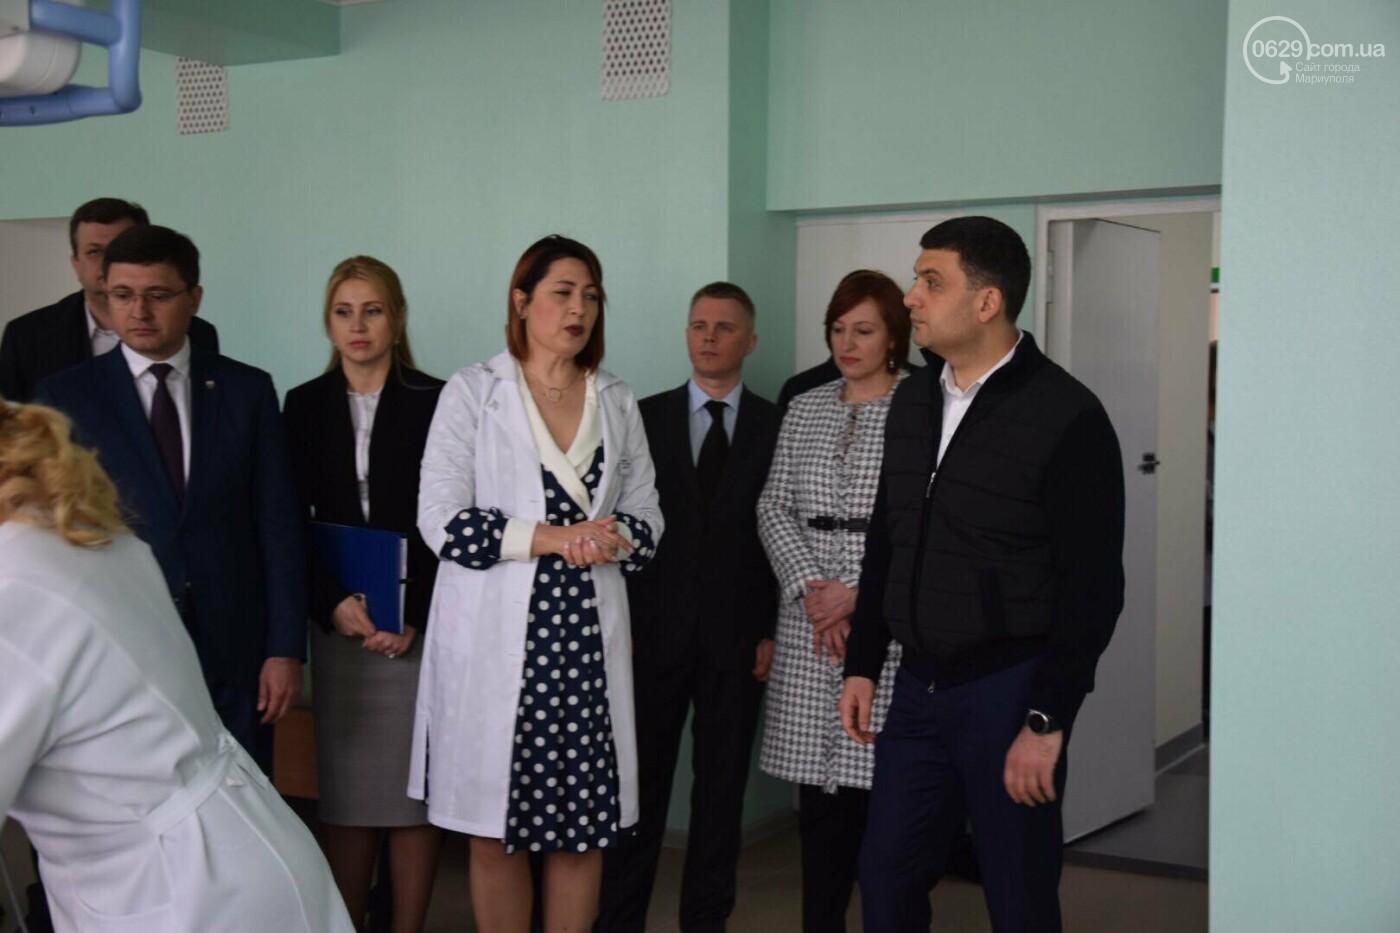 В Мариуполе Владимир Гройсман открыл детскую поликлинику и познакомился с Сережей, - ФОТОРЕПОРТАЖ, ВИДЕО, фото-49